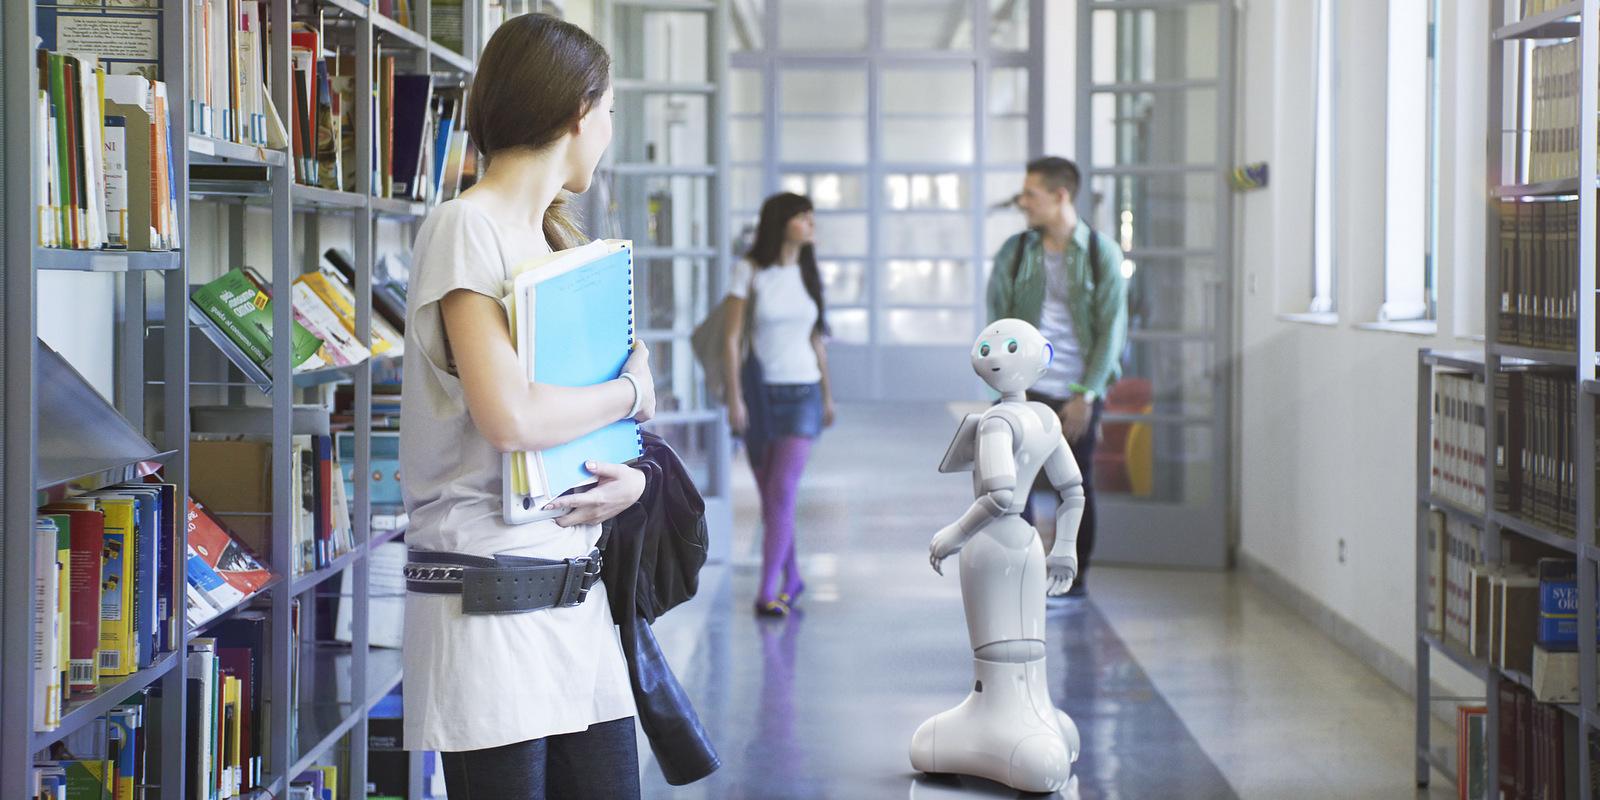 Интерактивный робот Pepper